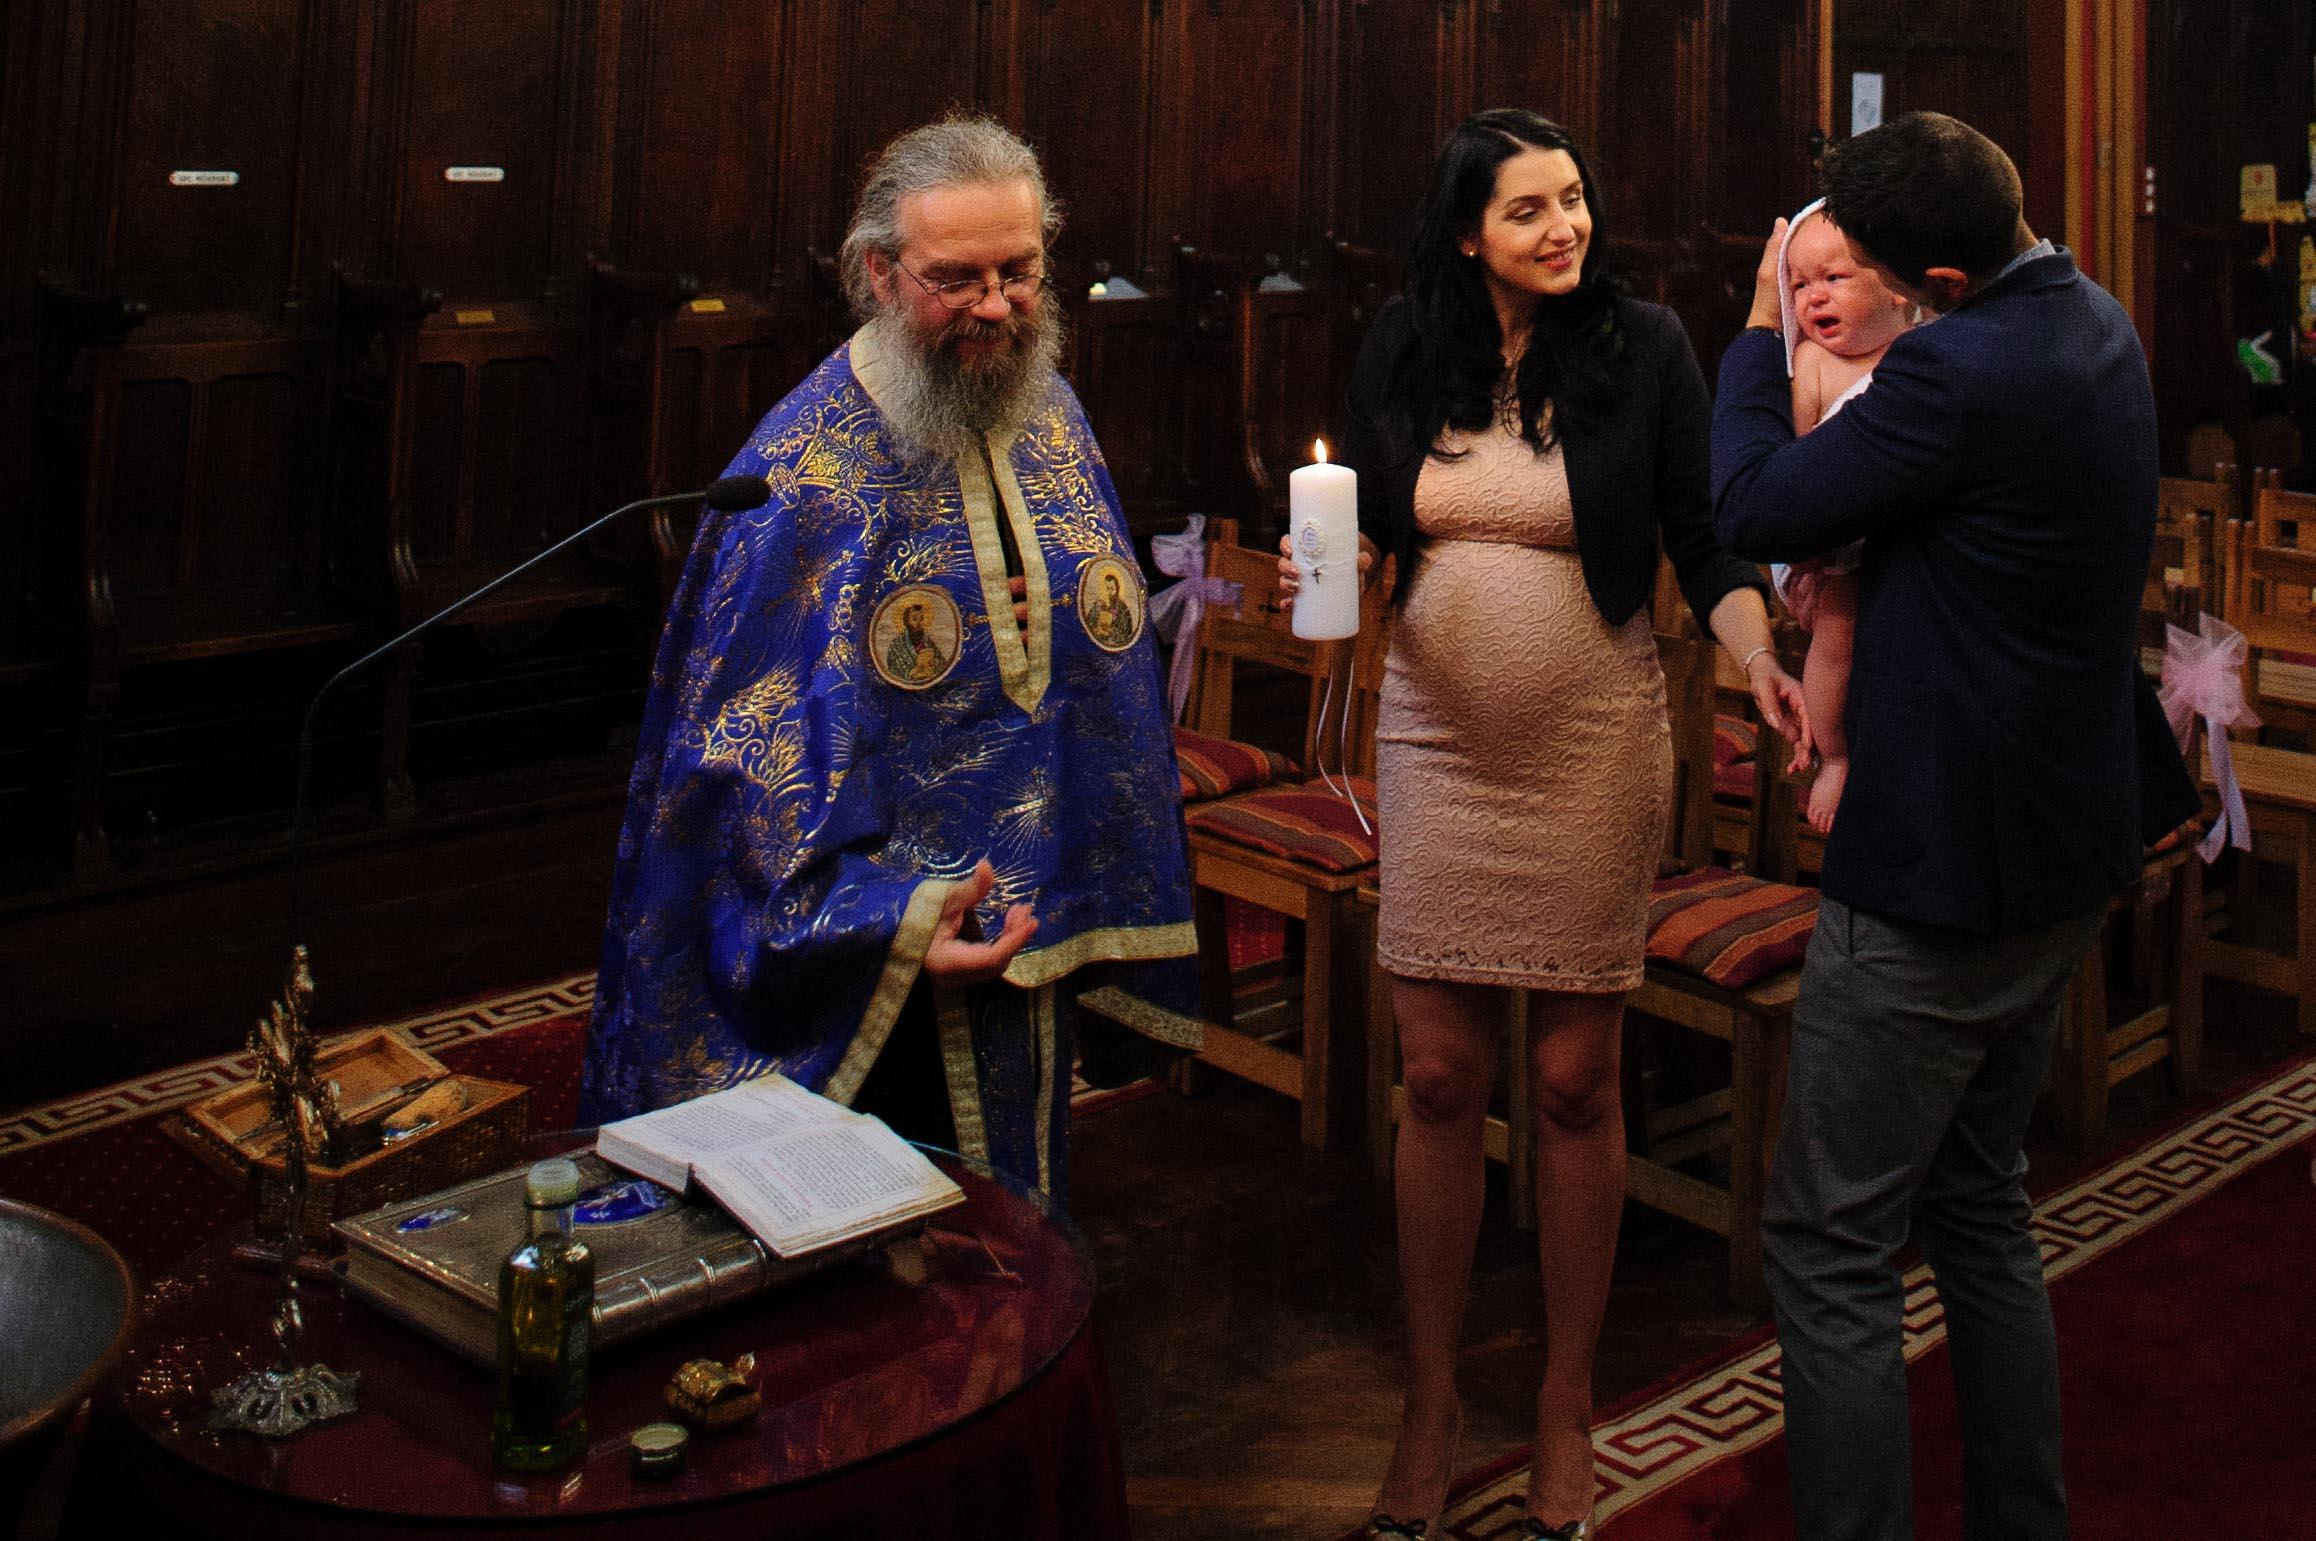 Photographe de Baptême à Paris - Orthodox baptism photographer in Paris - Christening